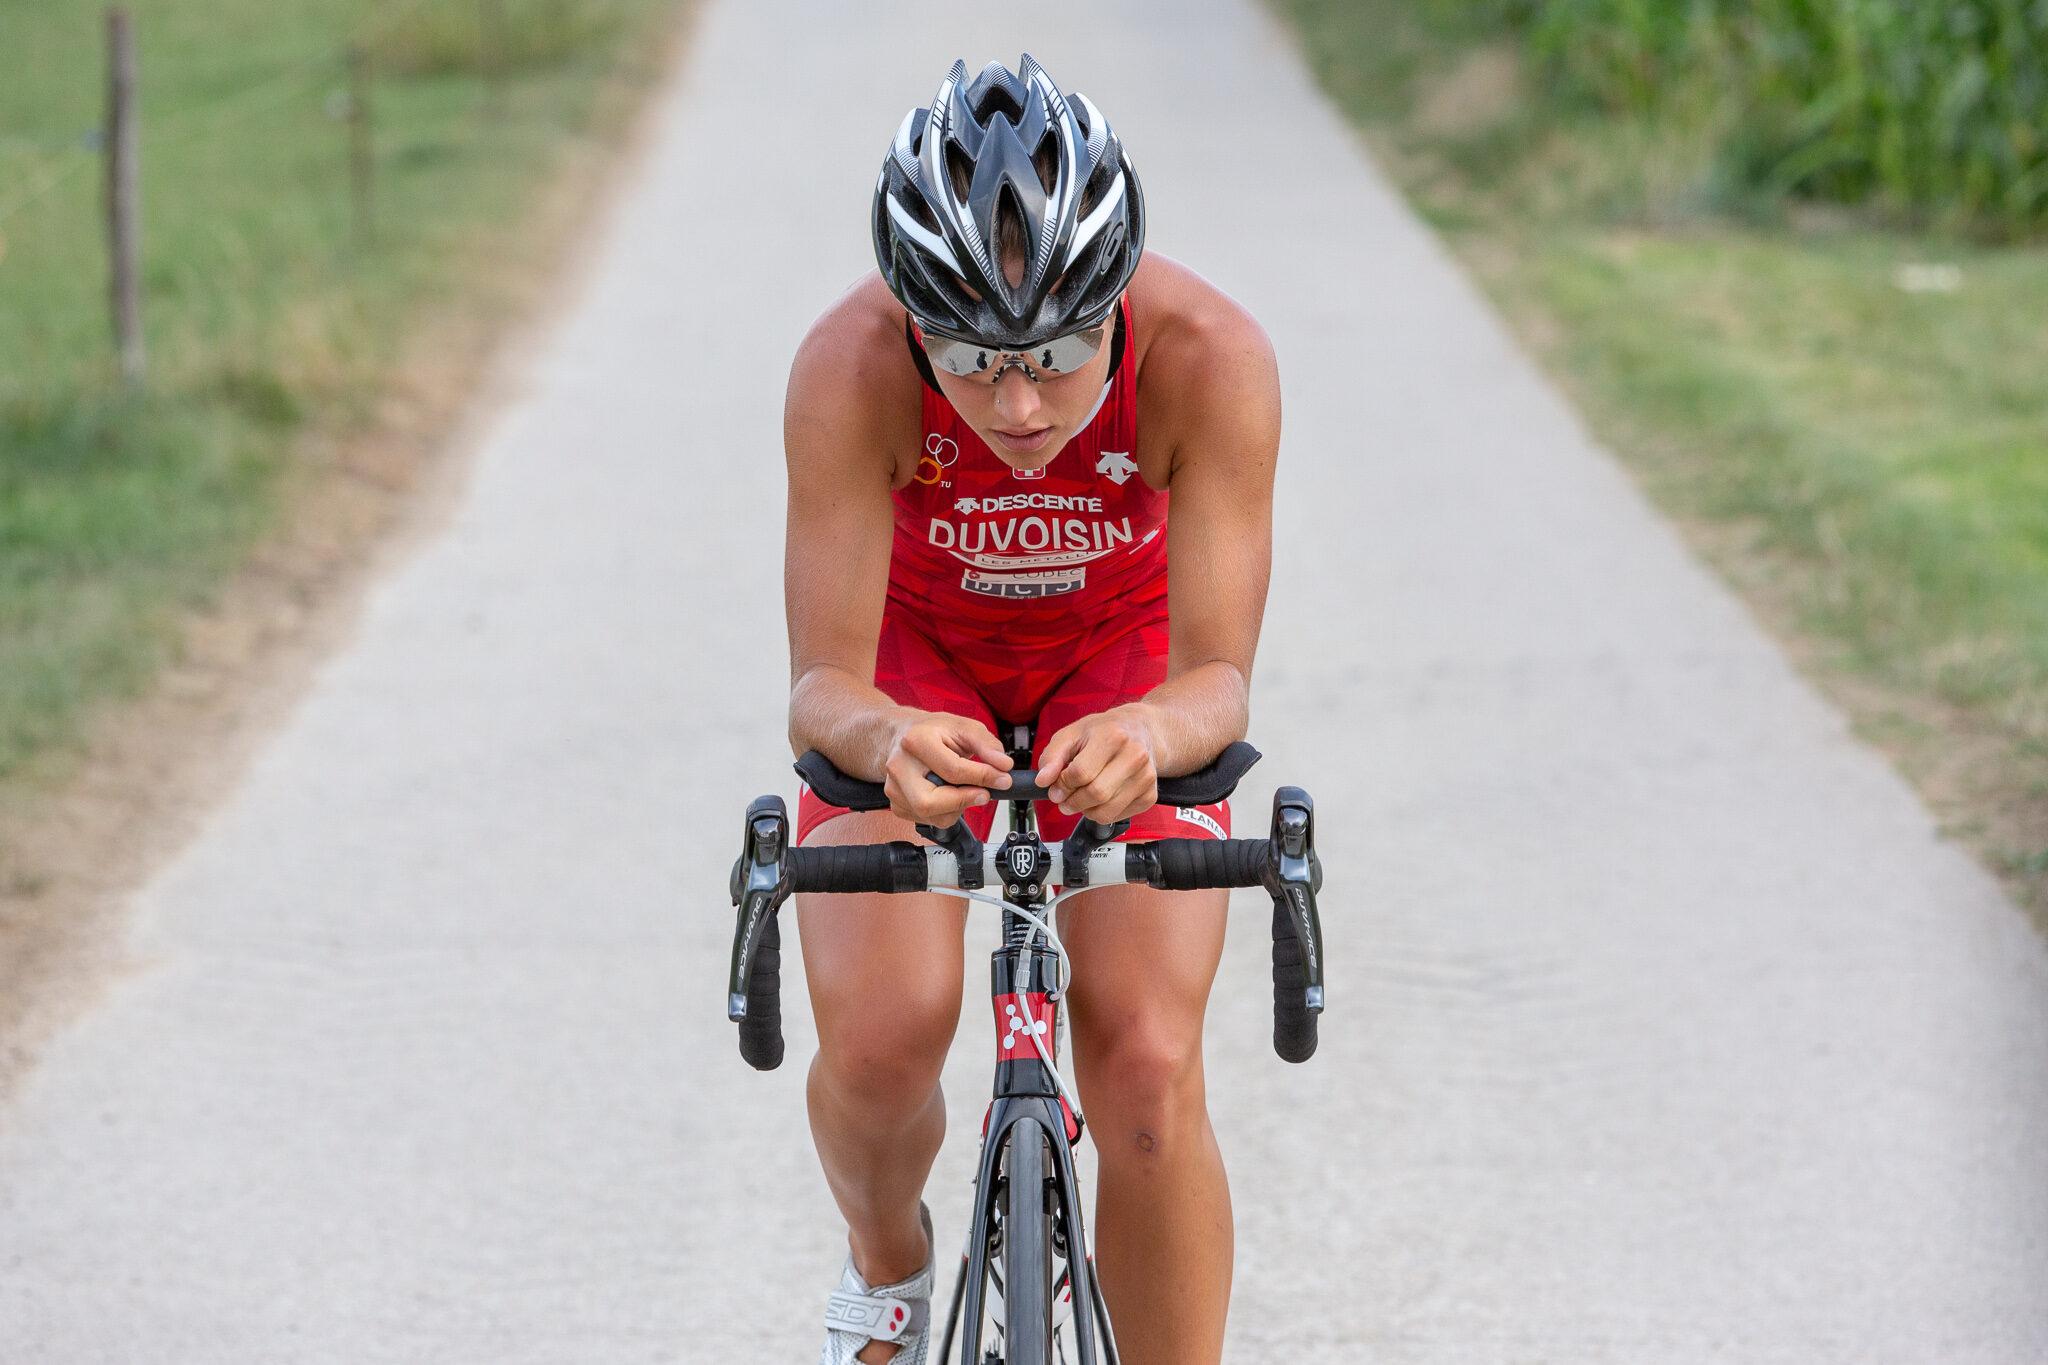 Loanne Duvoisin – Mademoiselle Triathlon